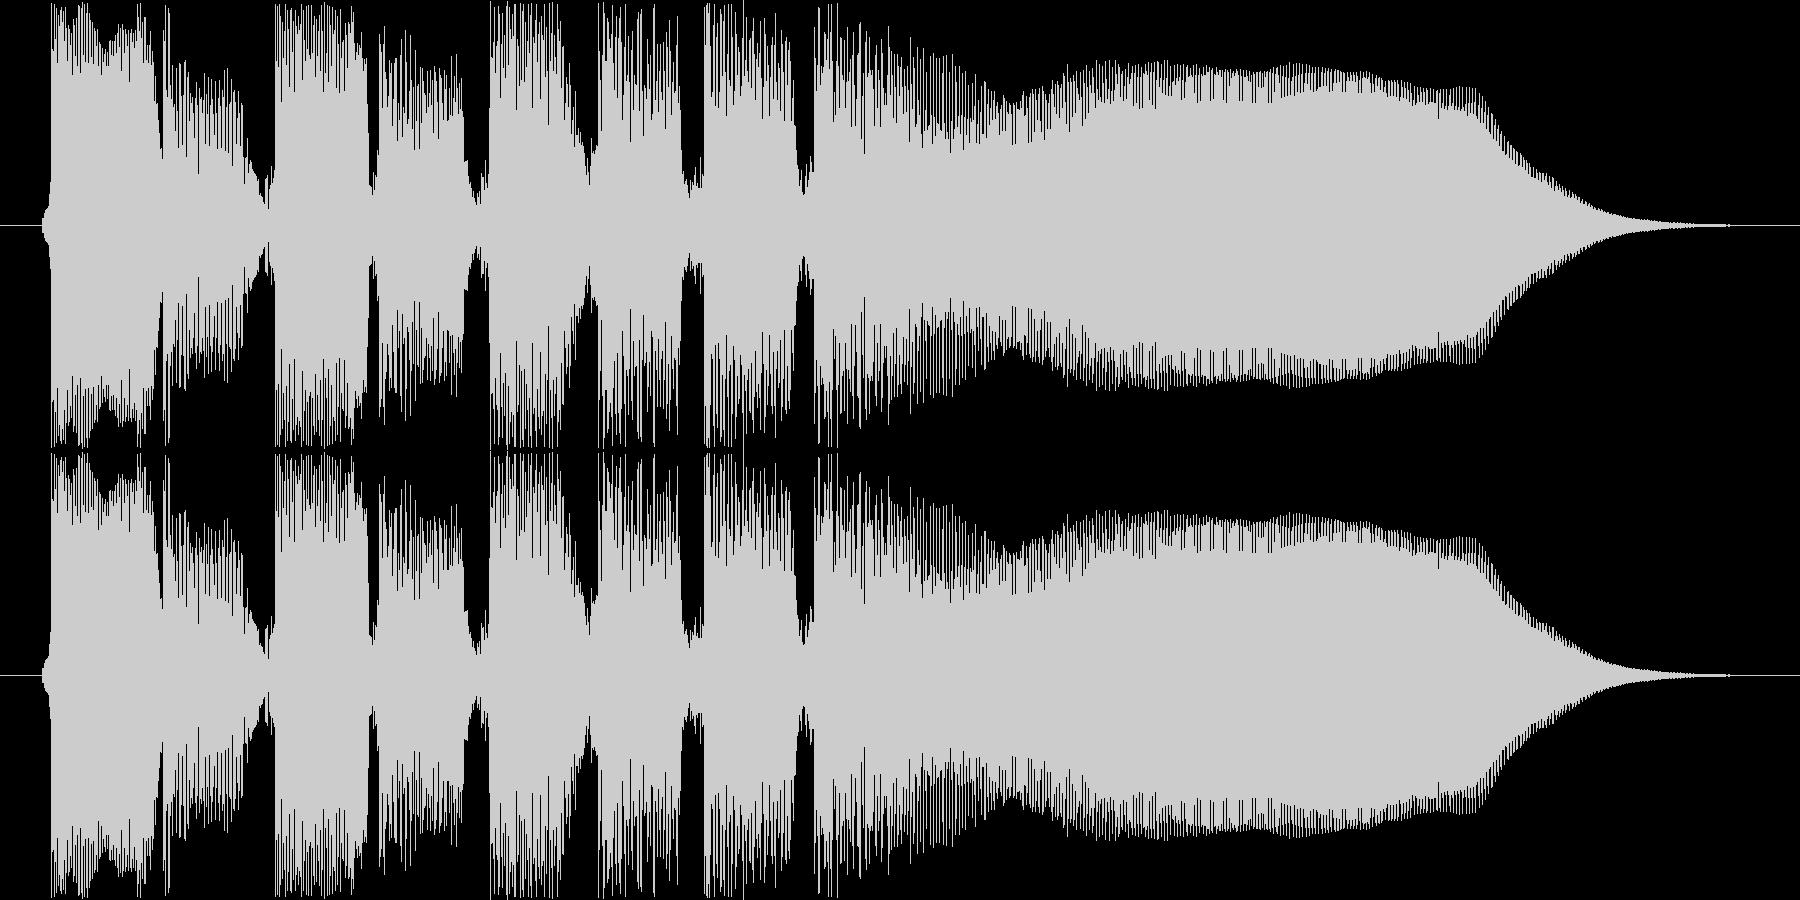 中国系音階のギターハーモニクスフレーズの未再生の波形